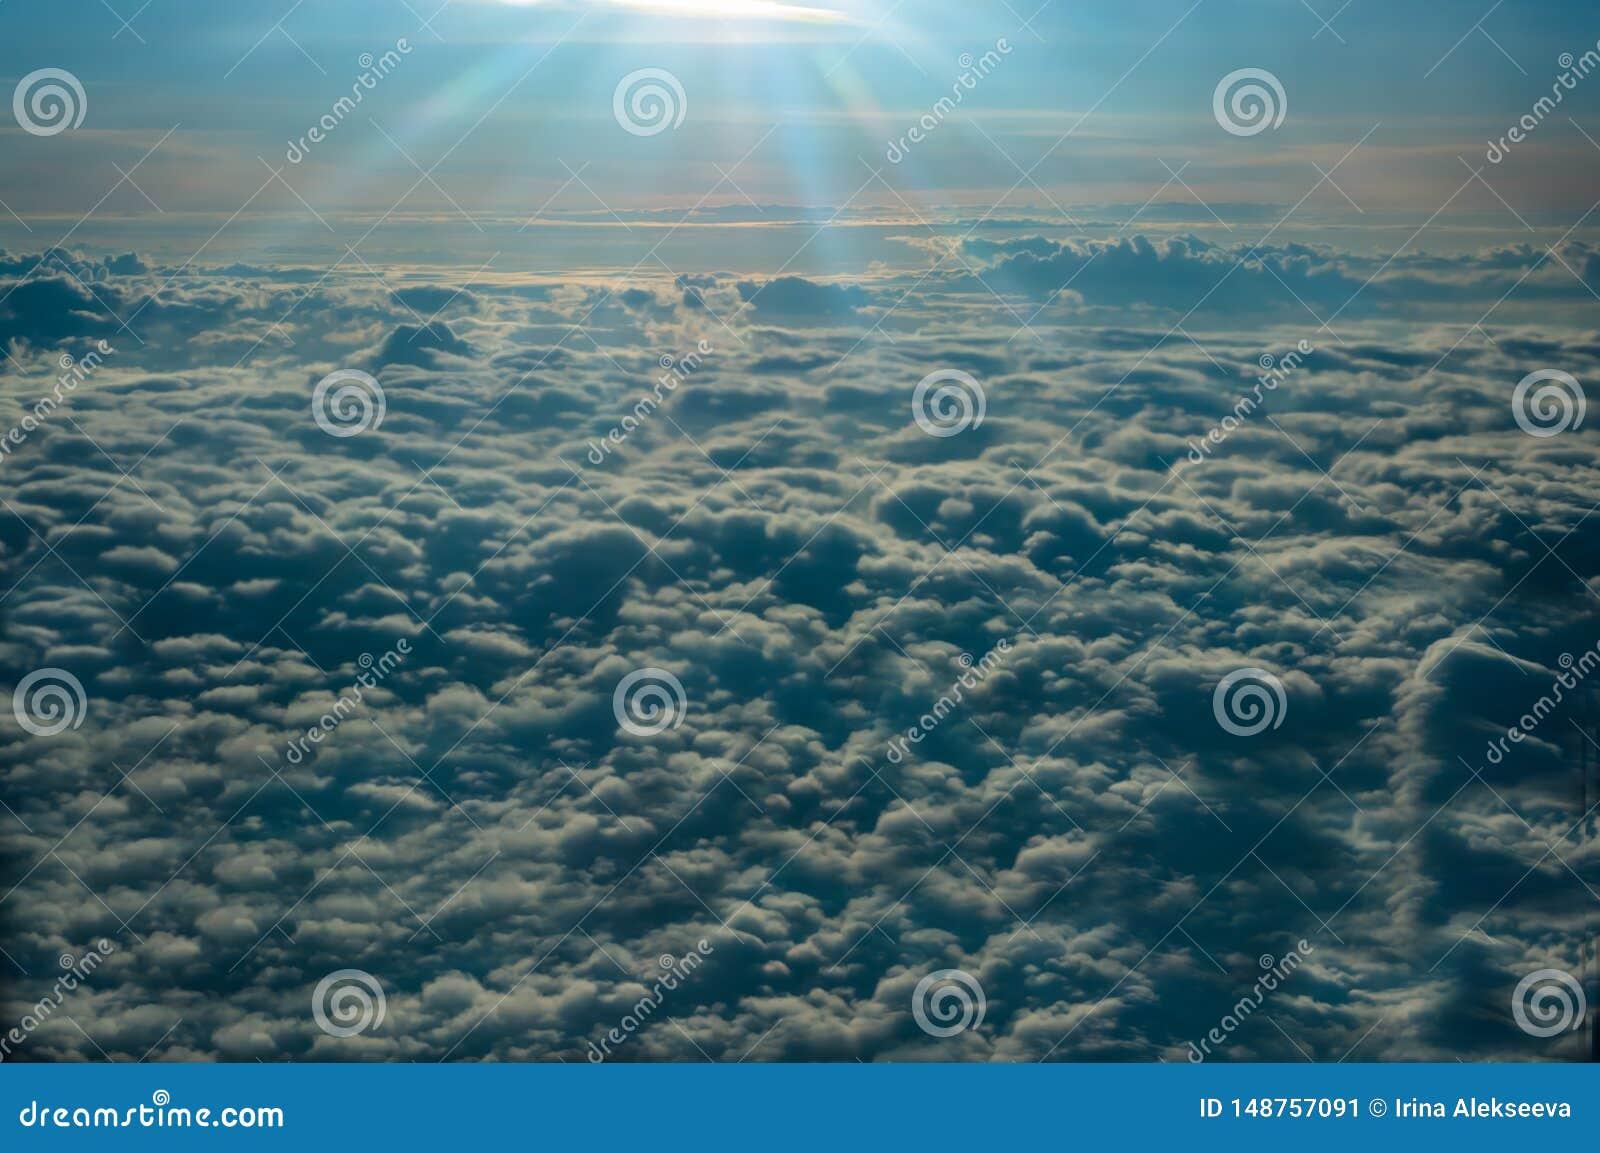 Panorama van het venster van het vliegtuig die boven de zonovergoten wolken vliegen